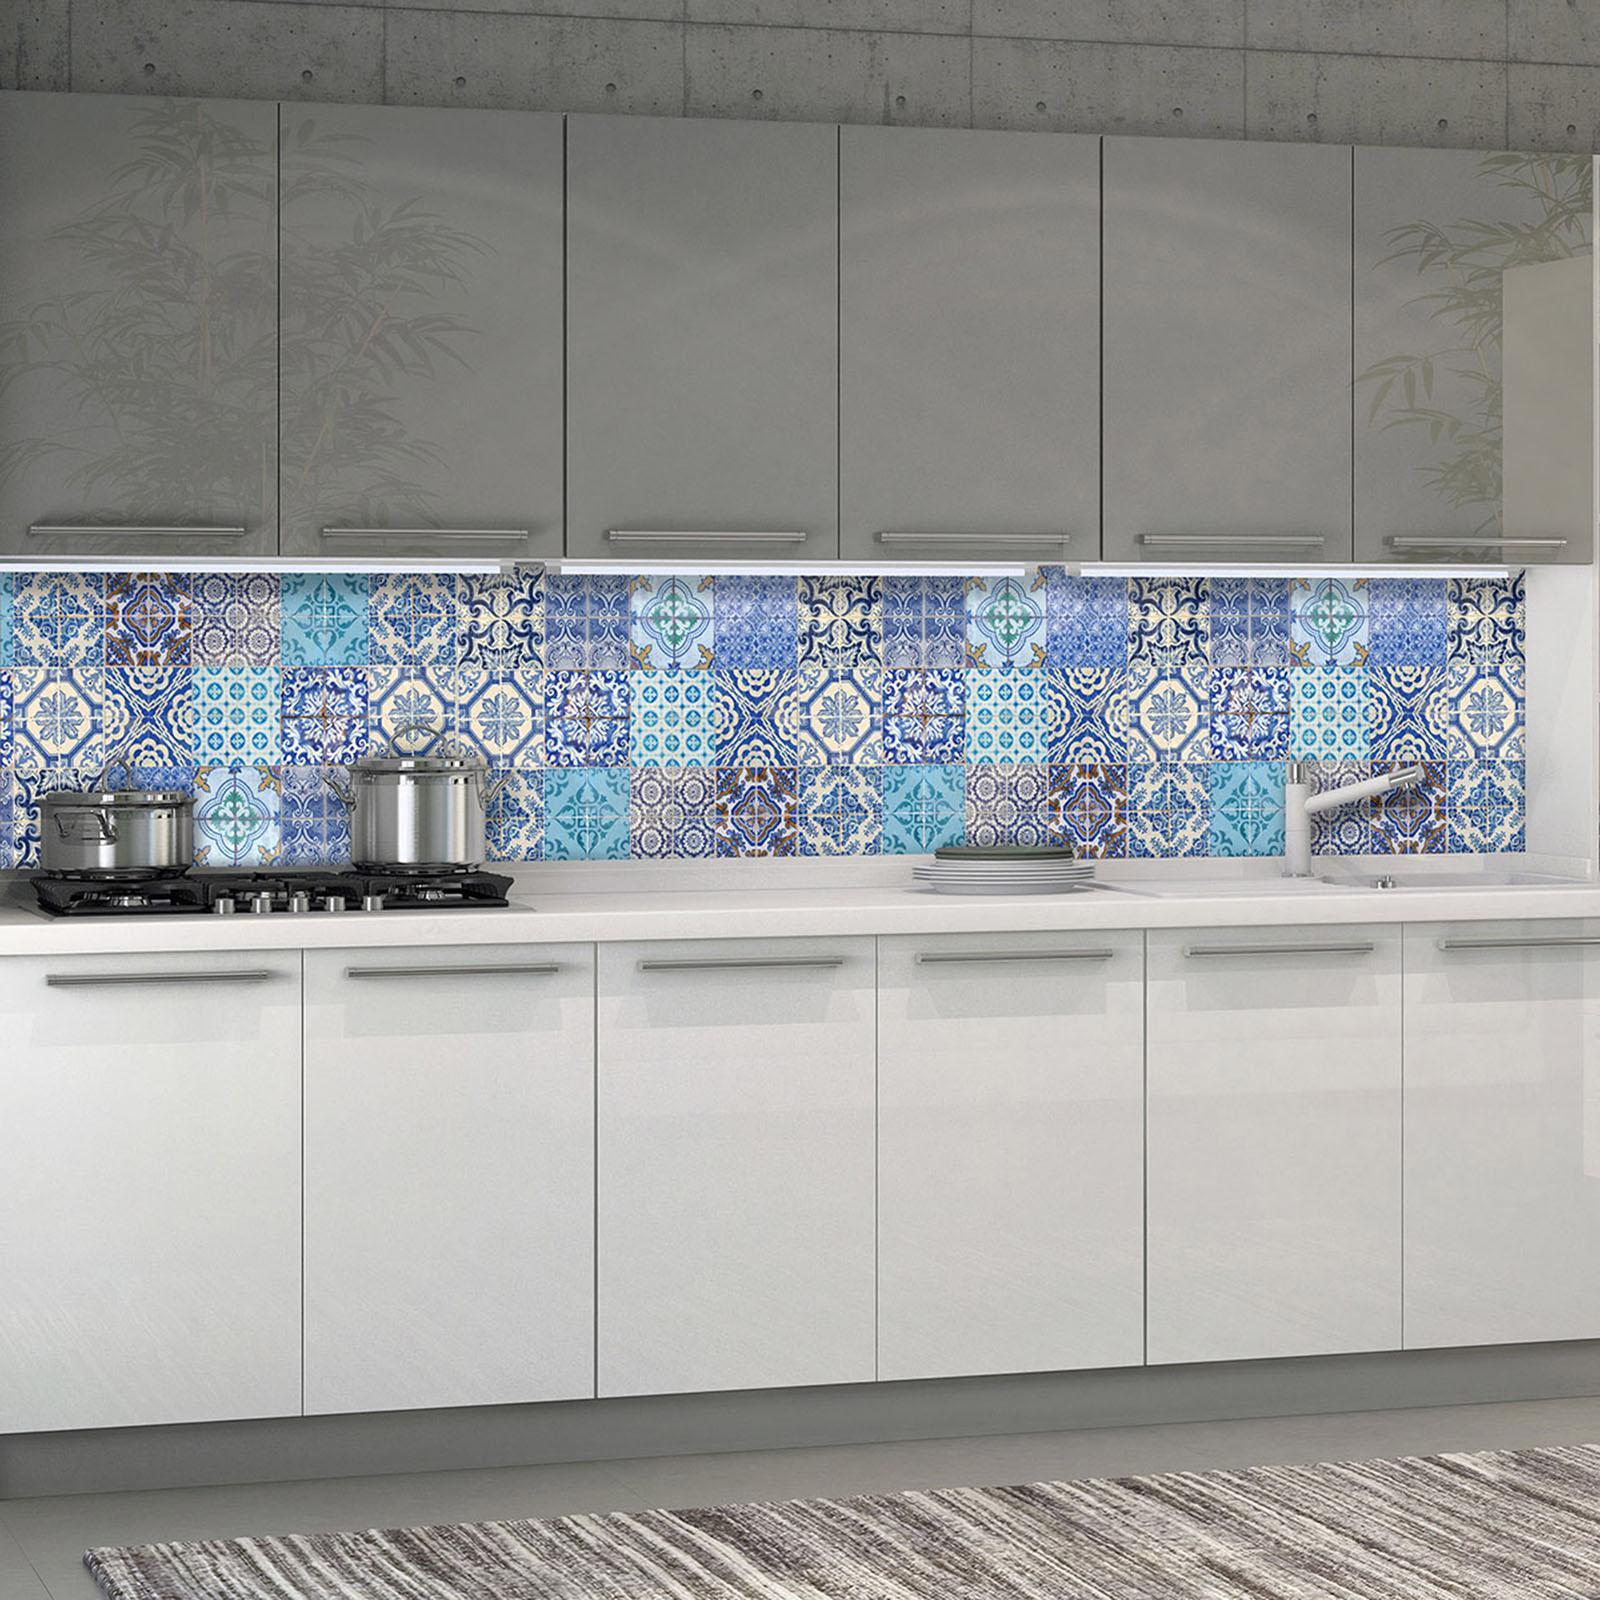 Full Size of Landhaus Tapete Küche Retro Tapete Küche Abwaschbare Tapete Küche Wasserfeste Tapete Küche Küche Tapete Küche